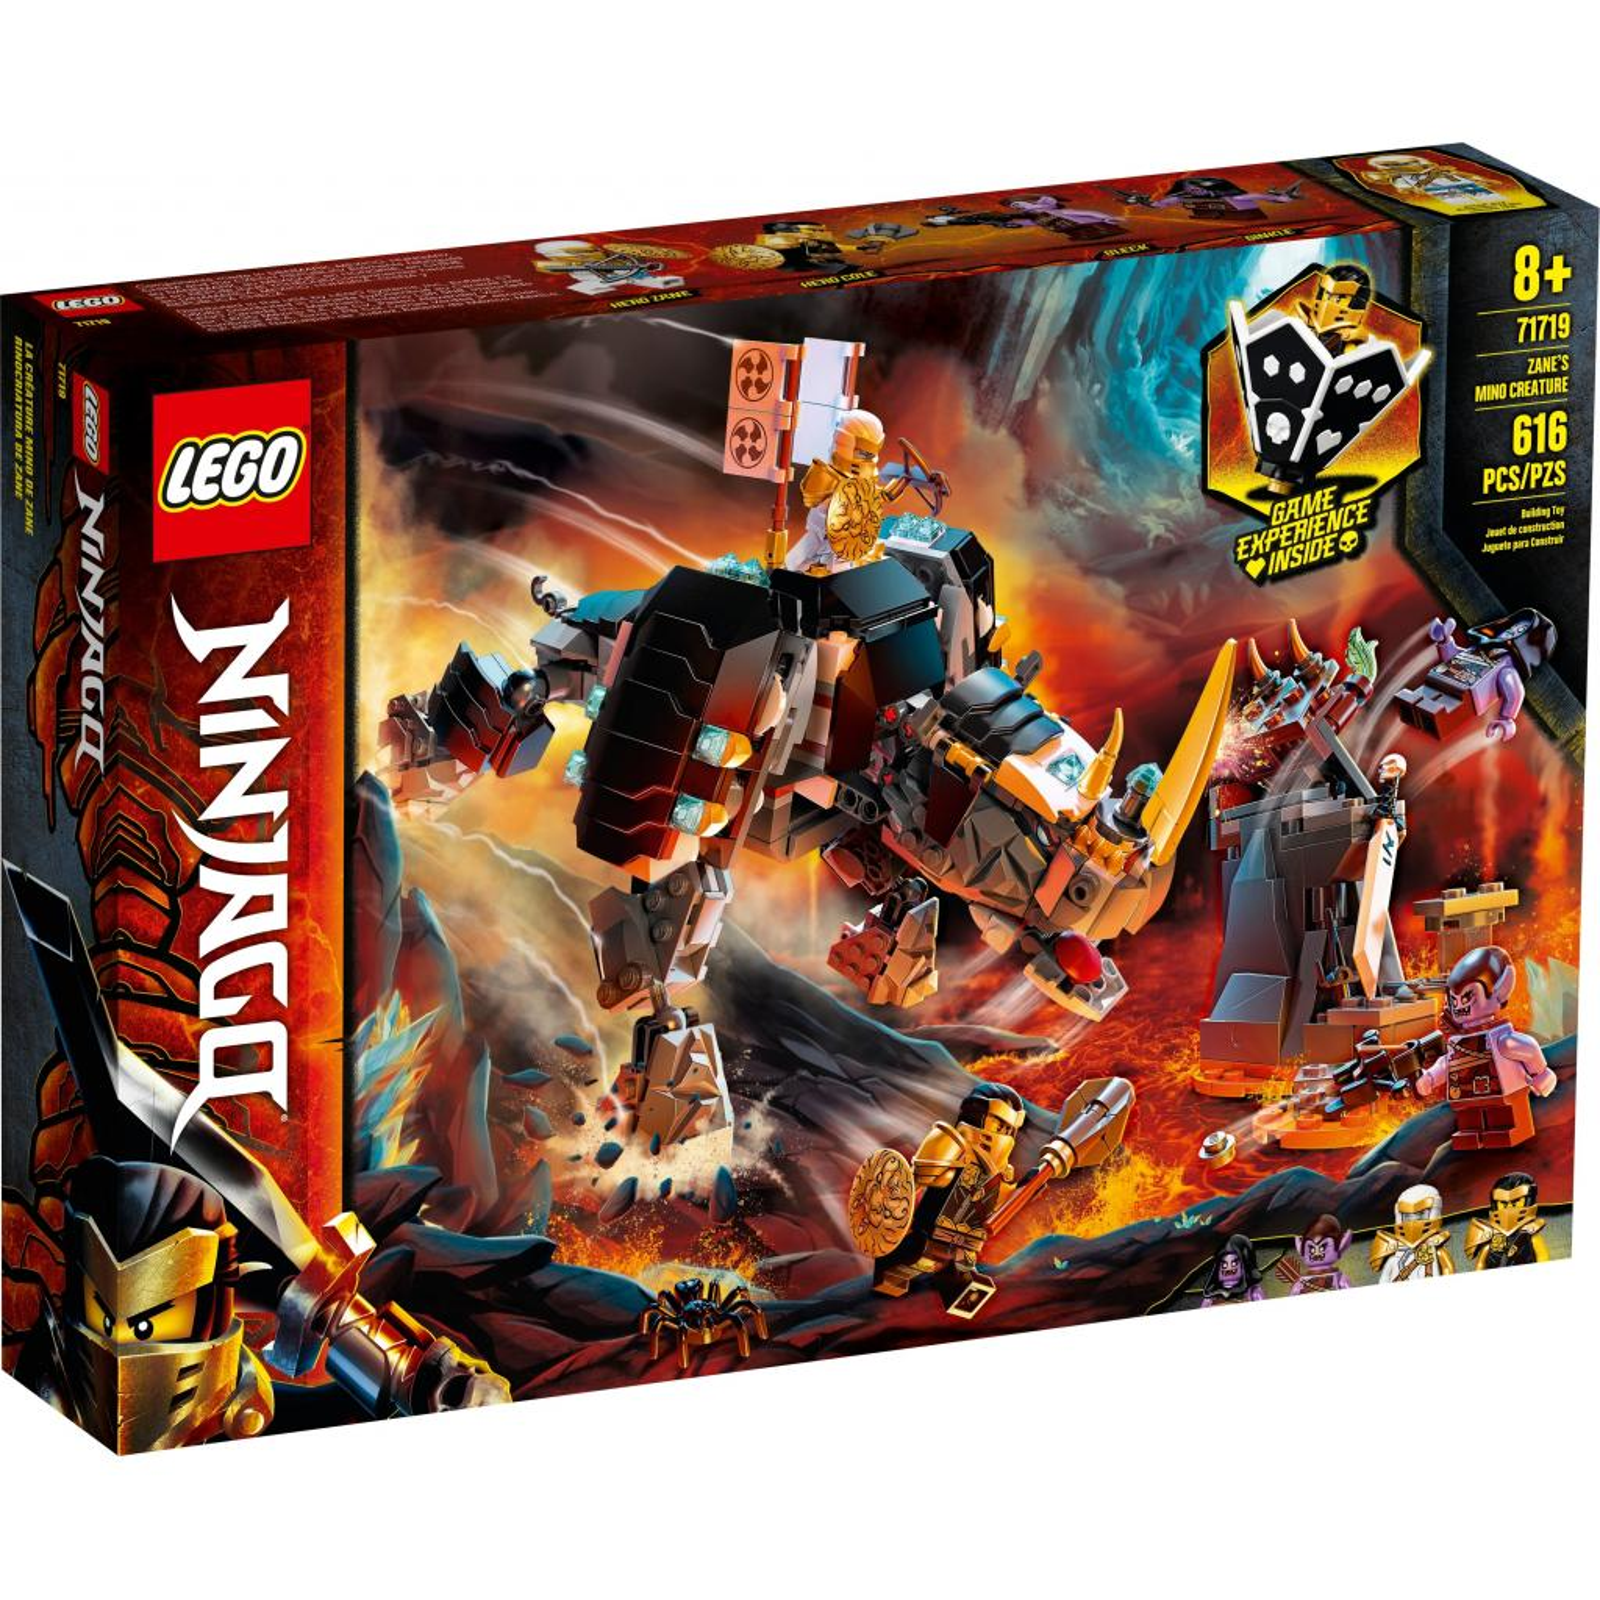 Конструктор LEGO Ninjago Бронированный носорог Зейна 616 деталей (71719)